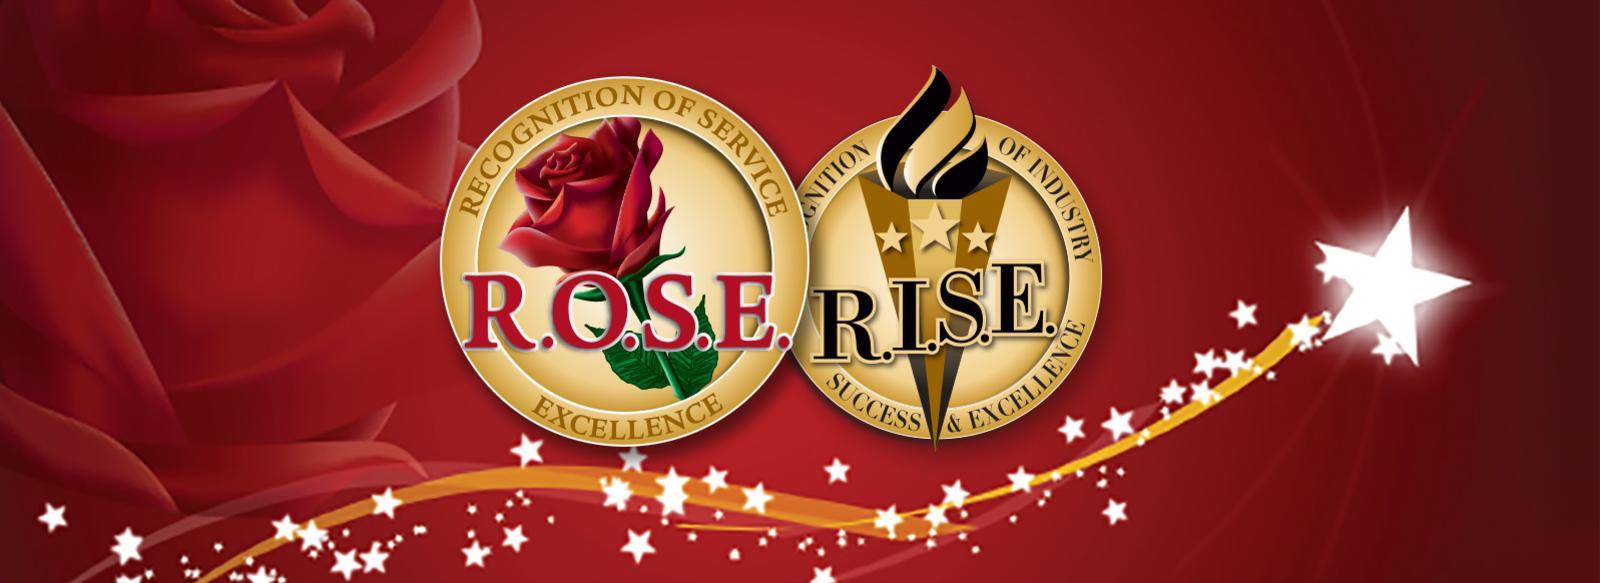 ROSE-Awards Northwest Indiana